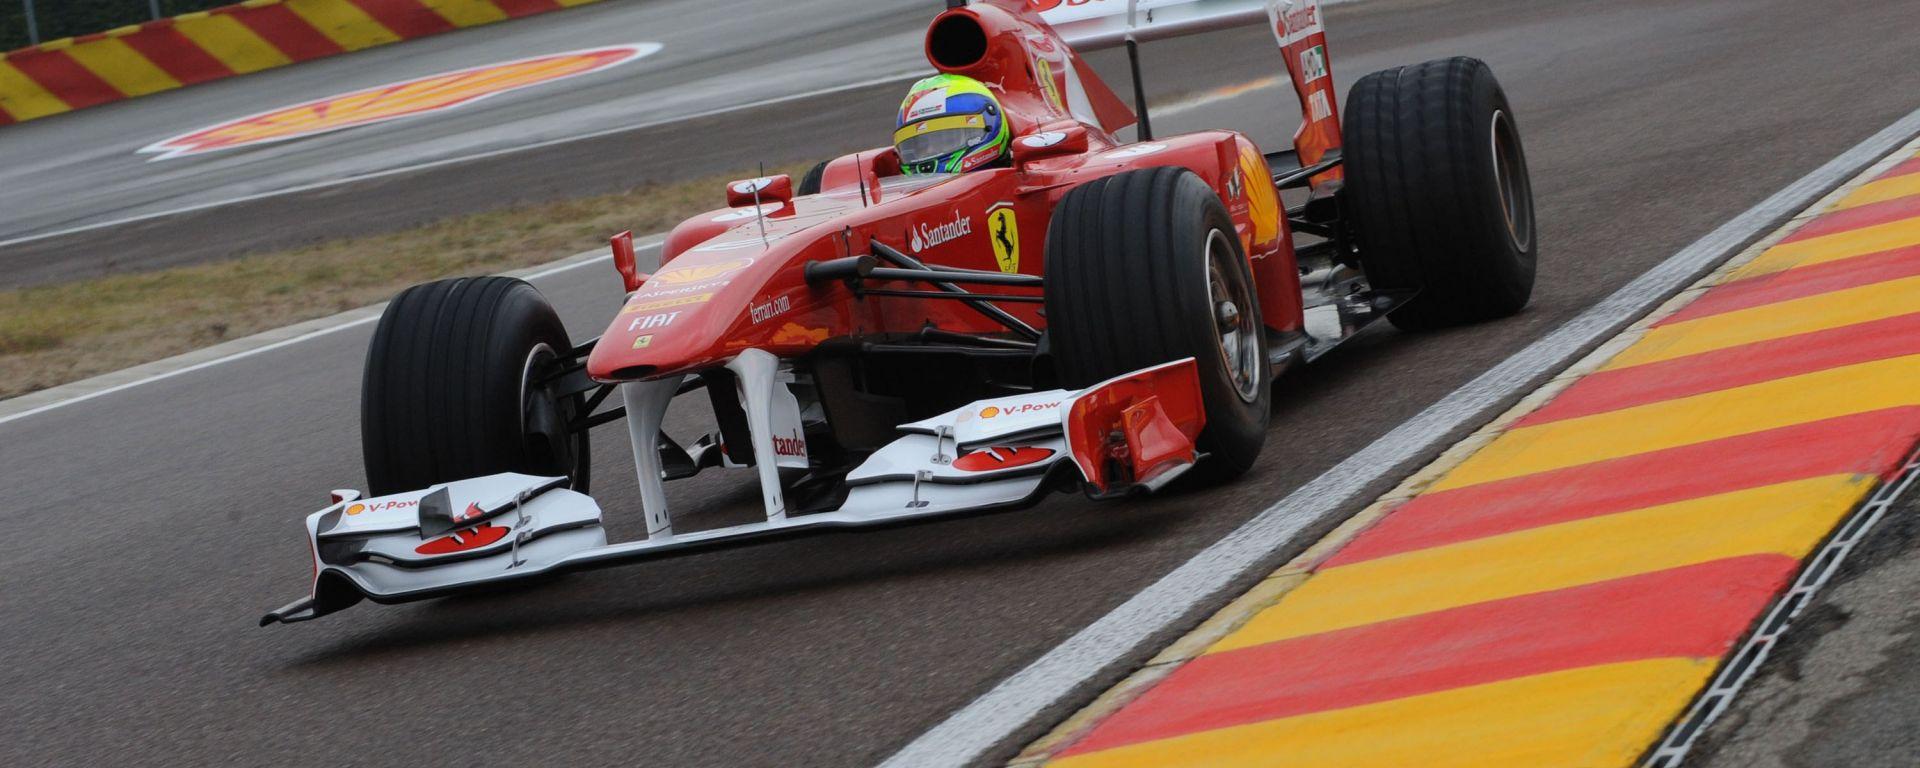 Ferrari F150: 17 nuove foto in formato gigante